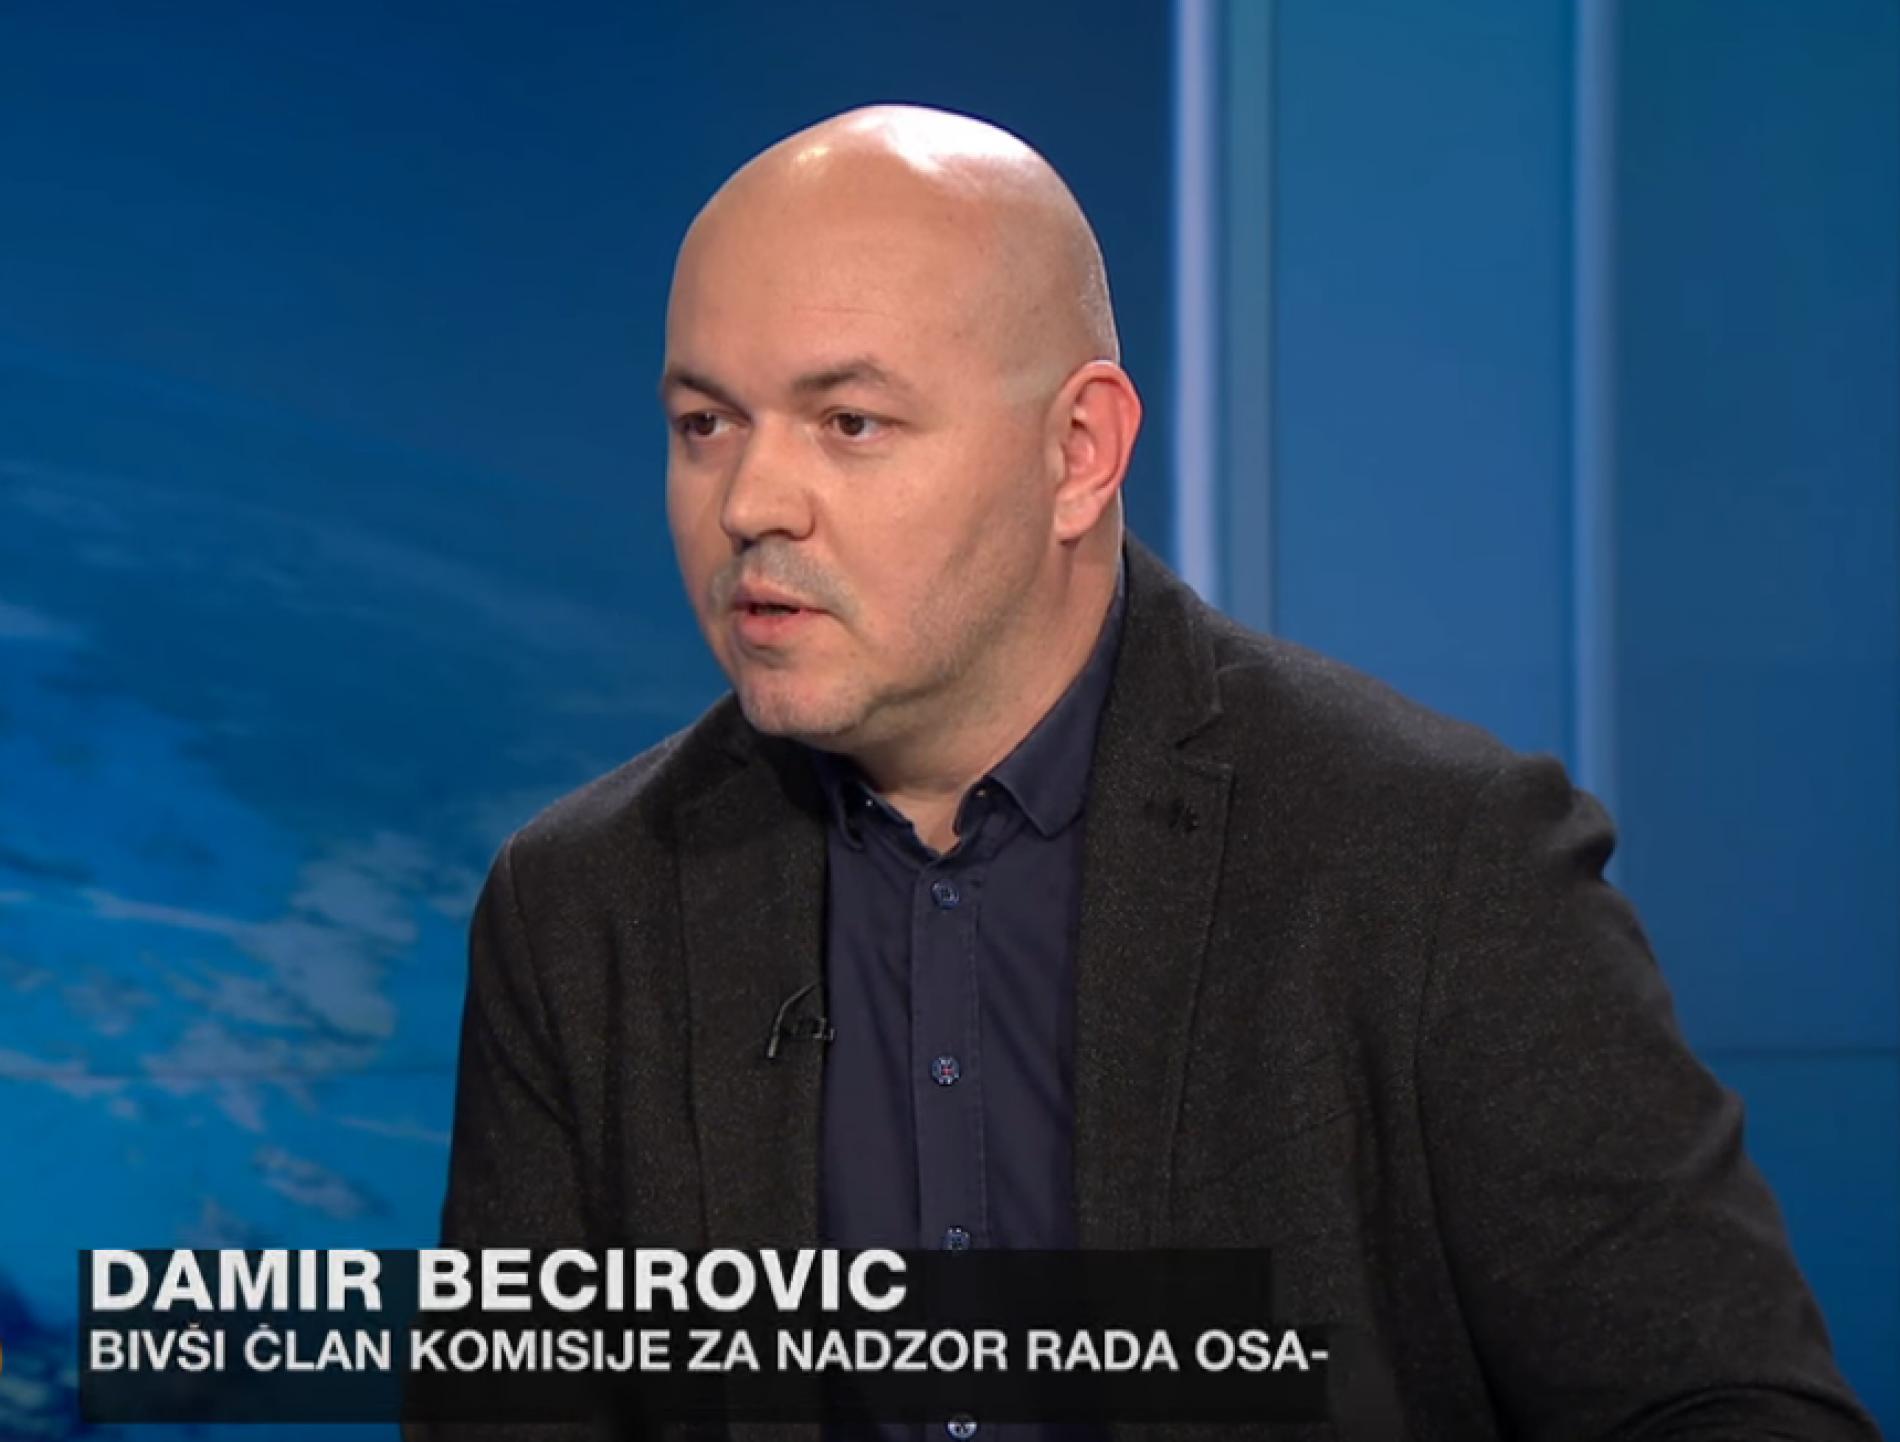 Novi detalji špijunskog skandala! Hrvatska glumi prijatelja a čini sve da destabilizuje Bosnu i Hercegovinu (Video)